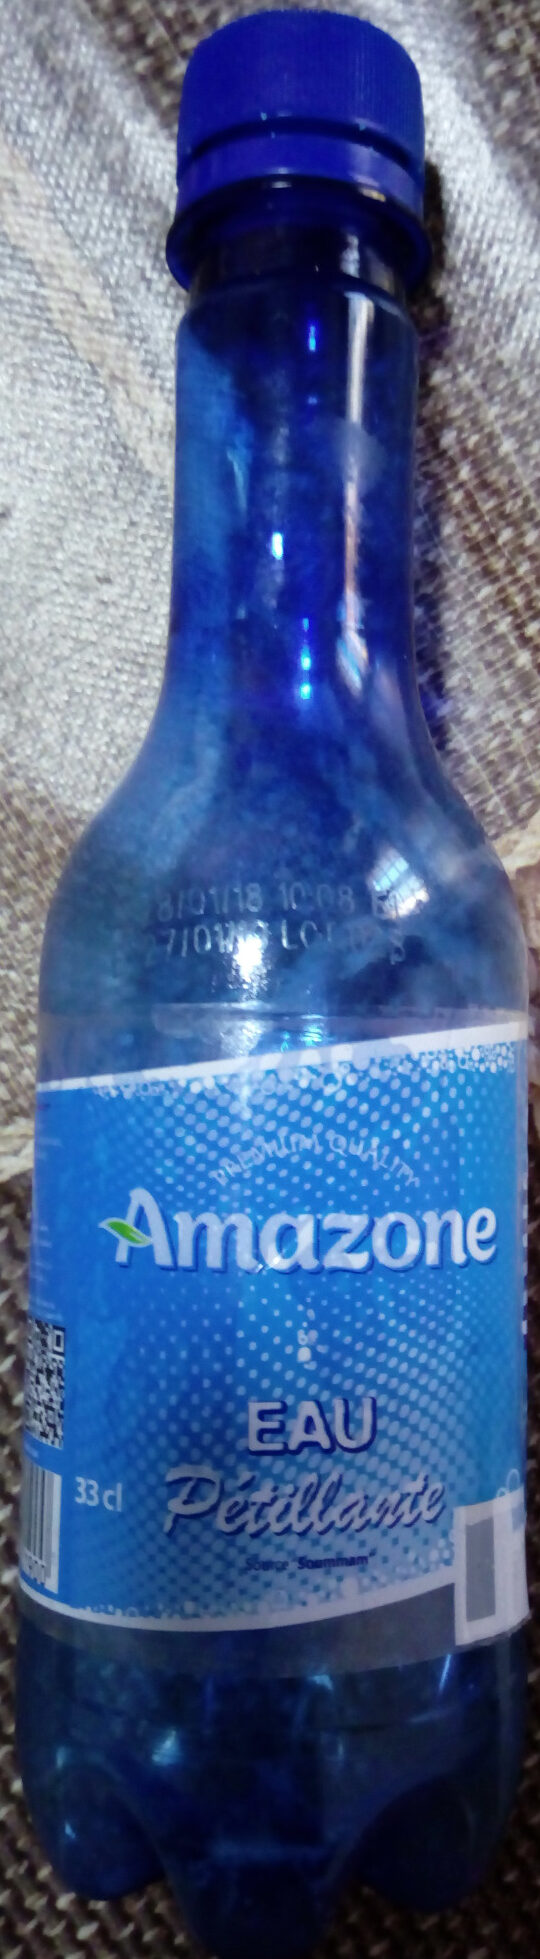 Amazone - نتاج - fr